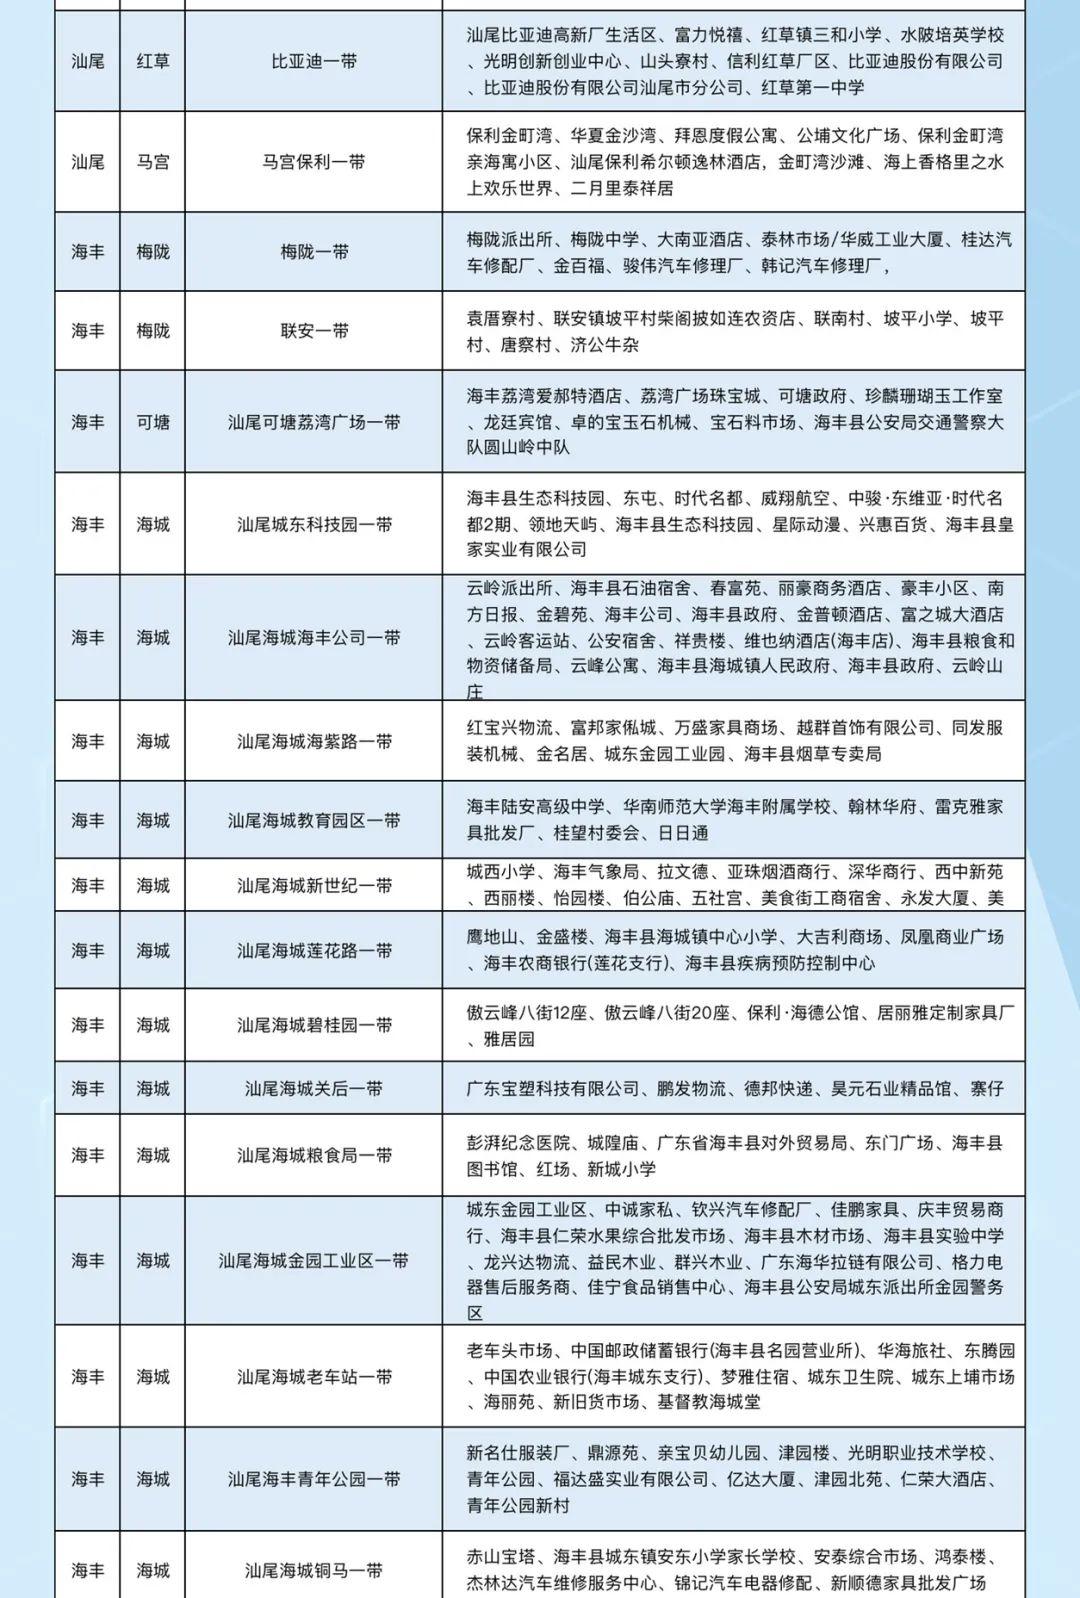 汕尾移动公布2020年中汕尾全市5G最新覆盖范围 汕尾新闻 第3张